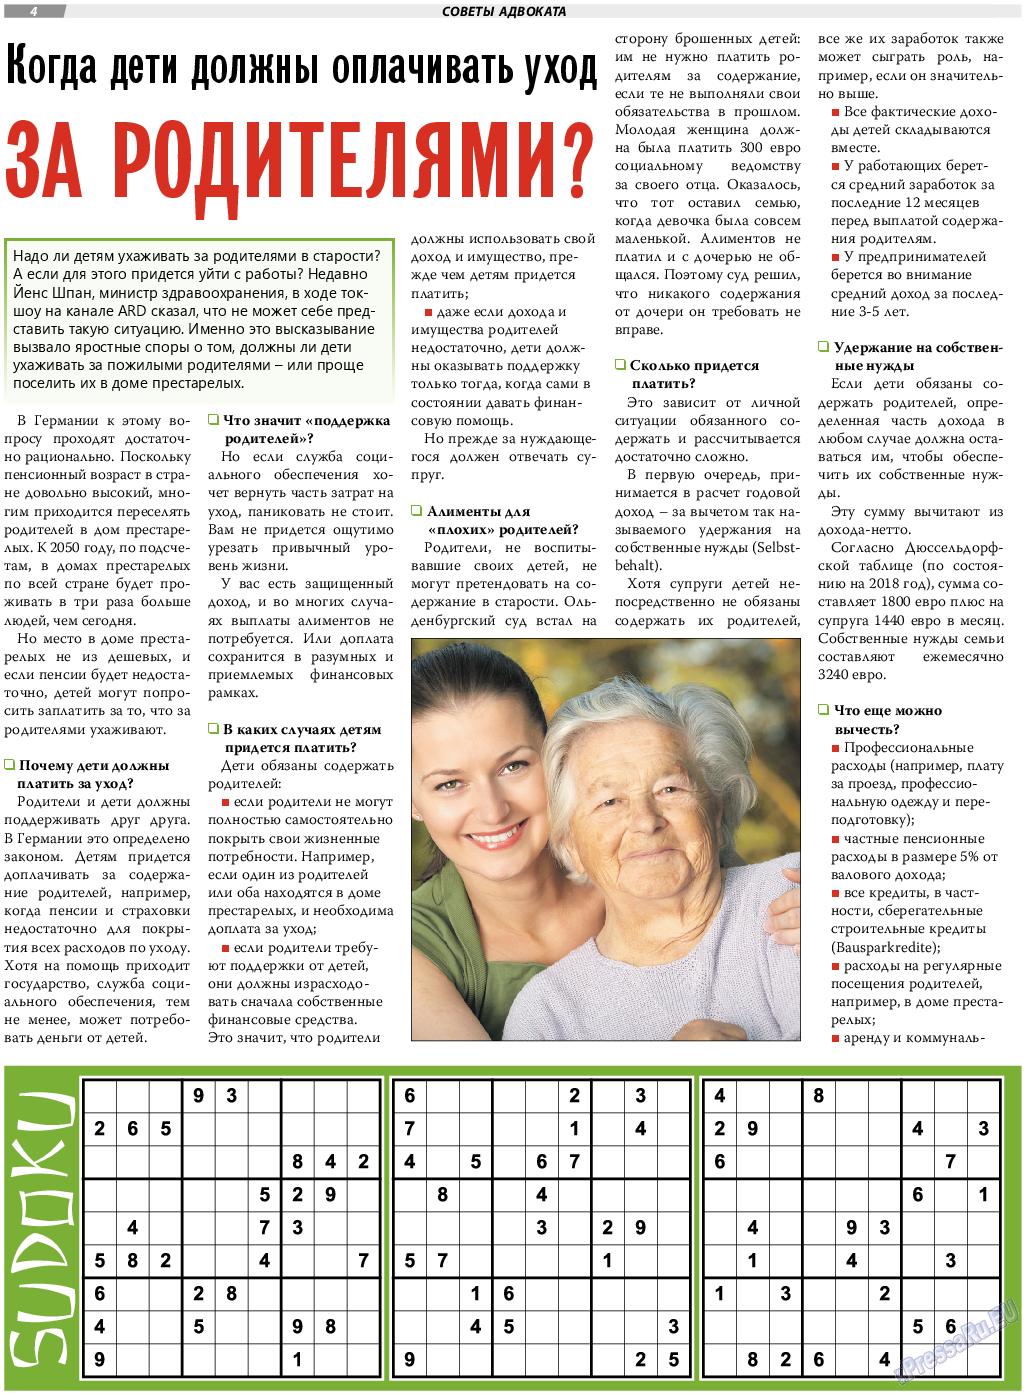 TVrus (газета). 2018 год, номер 25, стр. 4